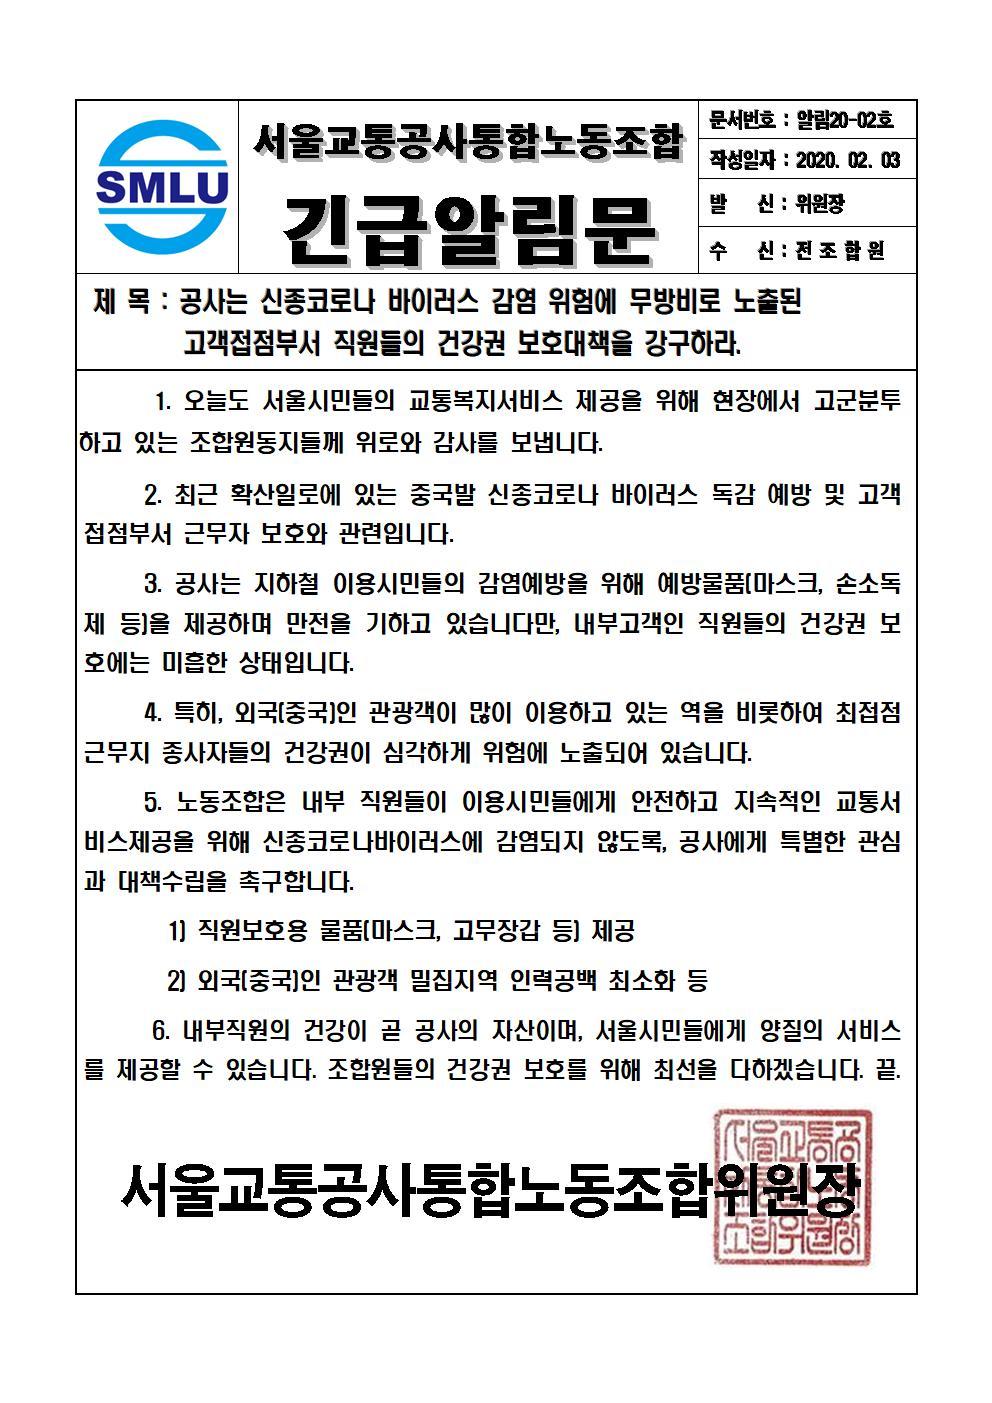 [긴급알림문20-2호]직원건강권보호대책 강구하라!001.jpg